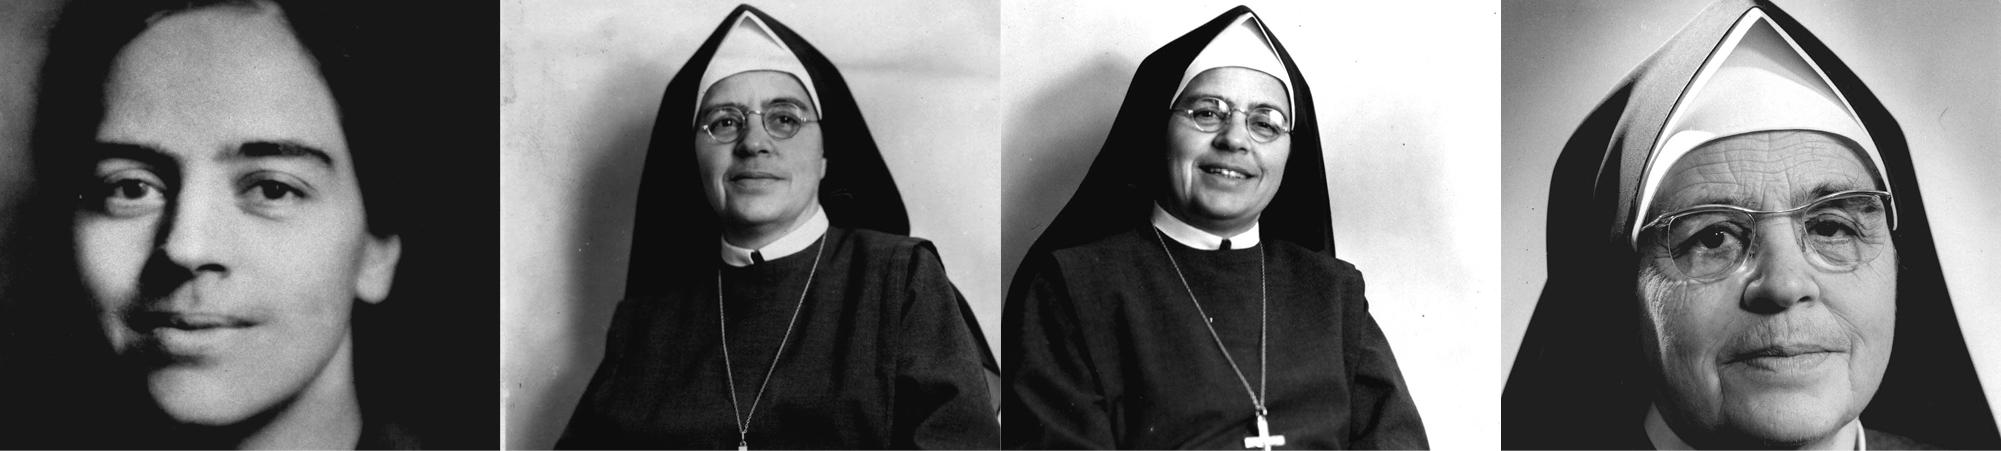 Vier Porträts von Mutter Anna Dengel, von jung bis alt